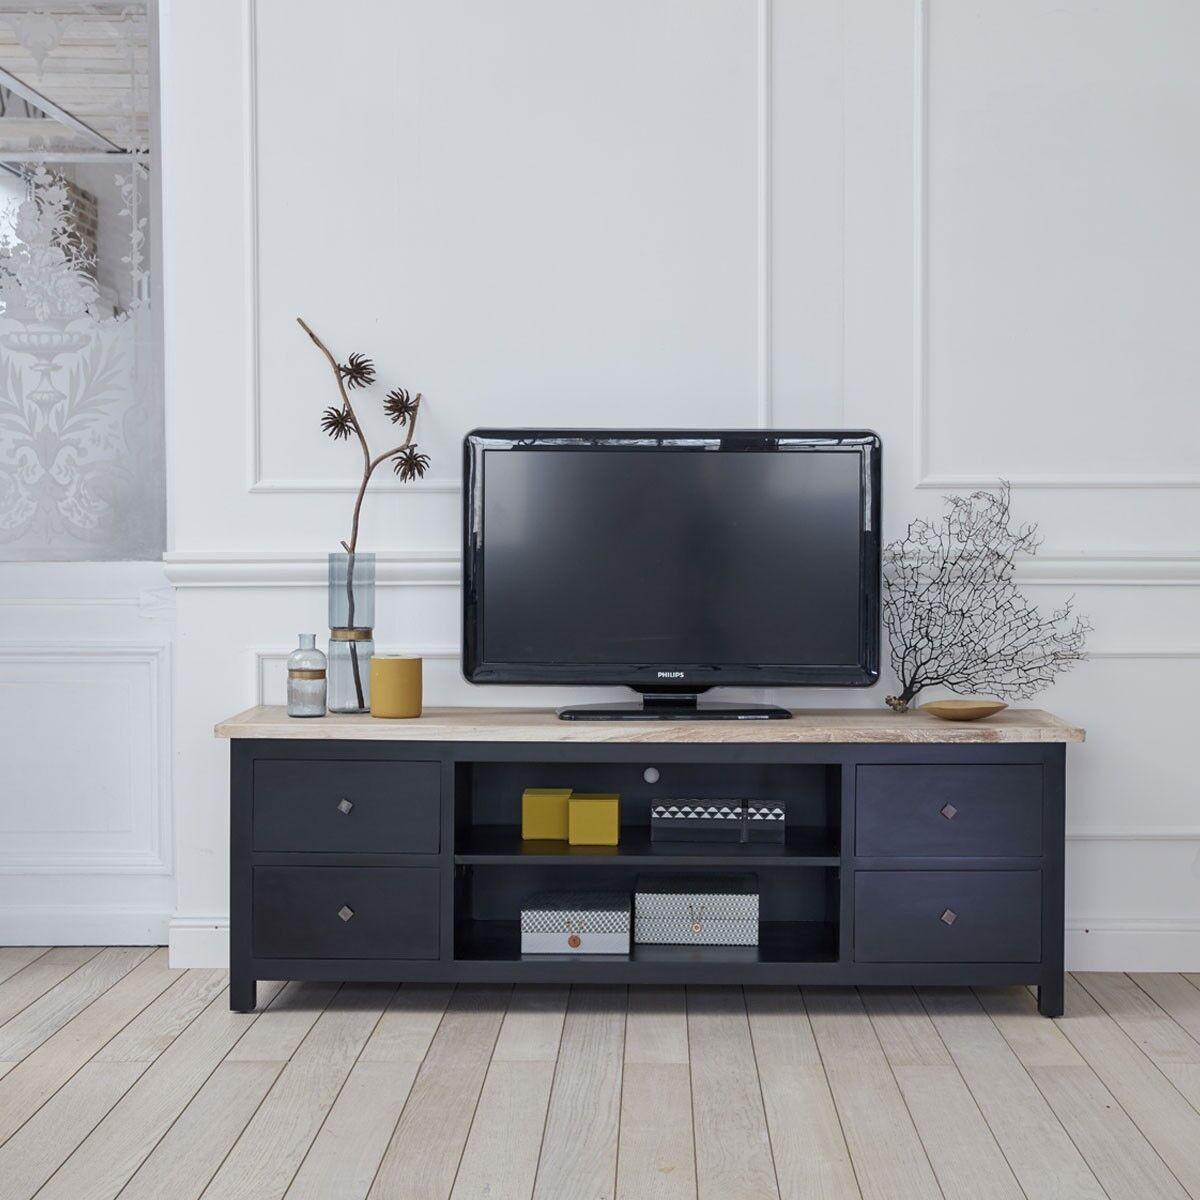 BOIS DESSUS BOIS DESSOUS Meuble TV en bois d'acajou et teck 4 tiroirs BOIS DESSUS BOIS DESSOUS